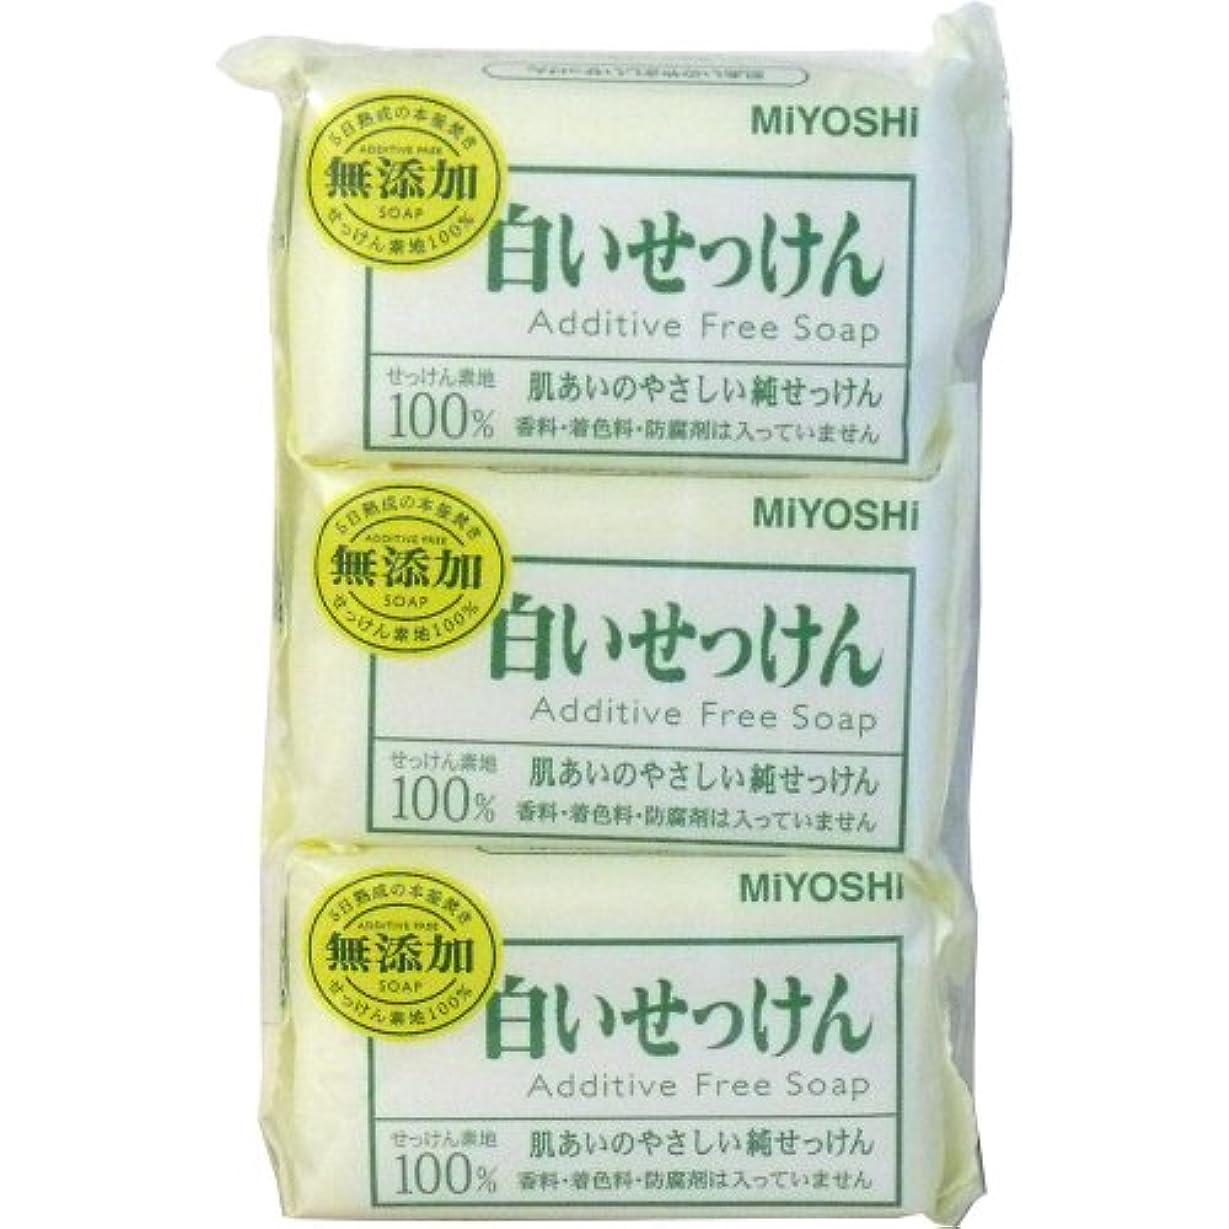 どんよりしたフルート資本【ミヨシ】ミヨシ 無添加 白いせっけん 108g×3個入 ×10個セット